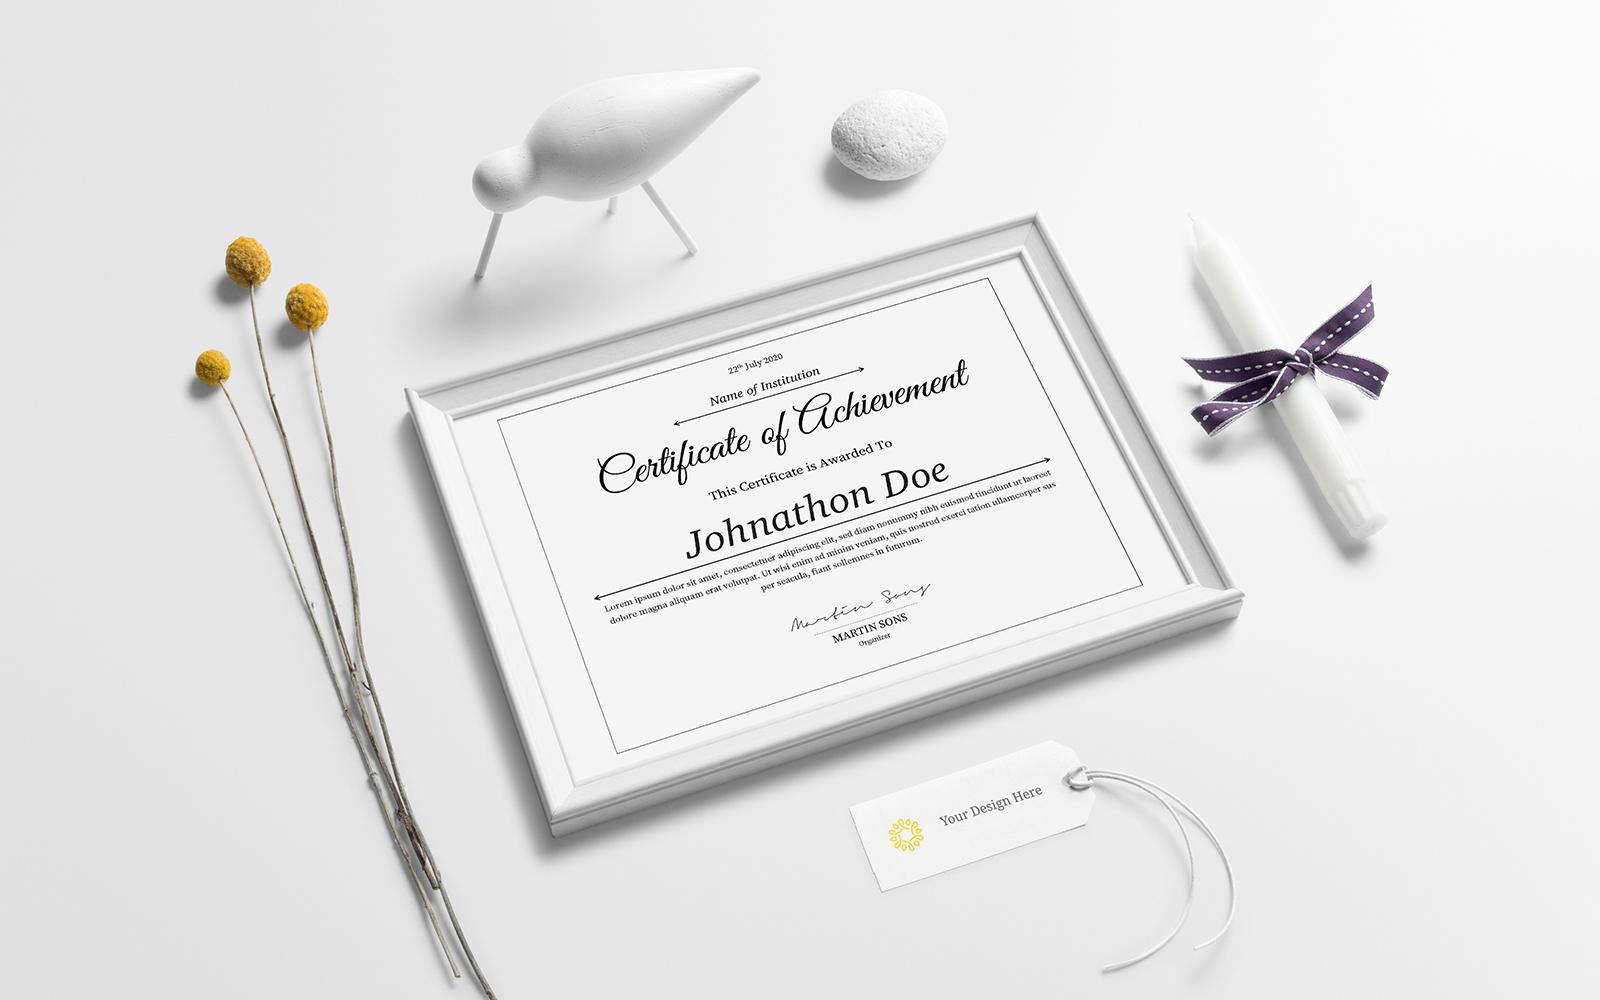 Clean Certificate Template 108957